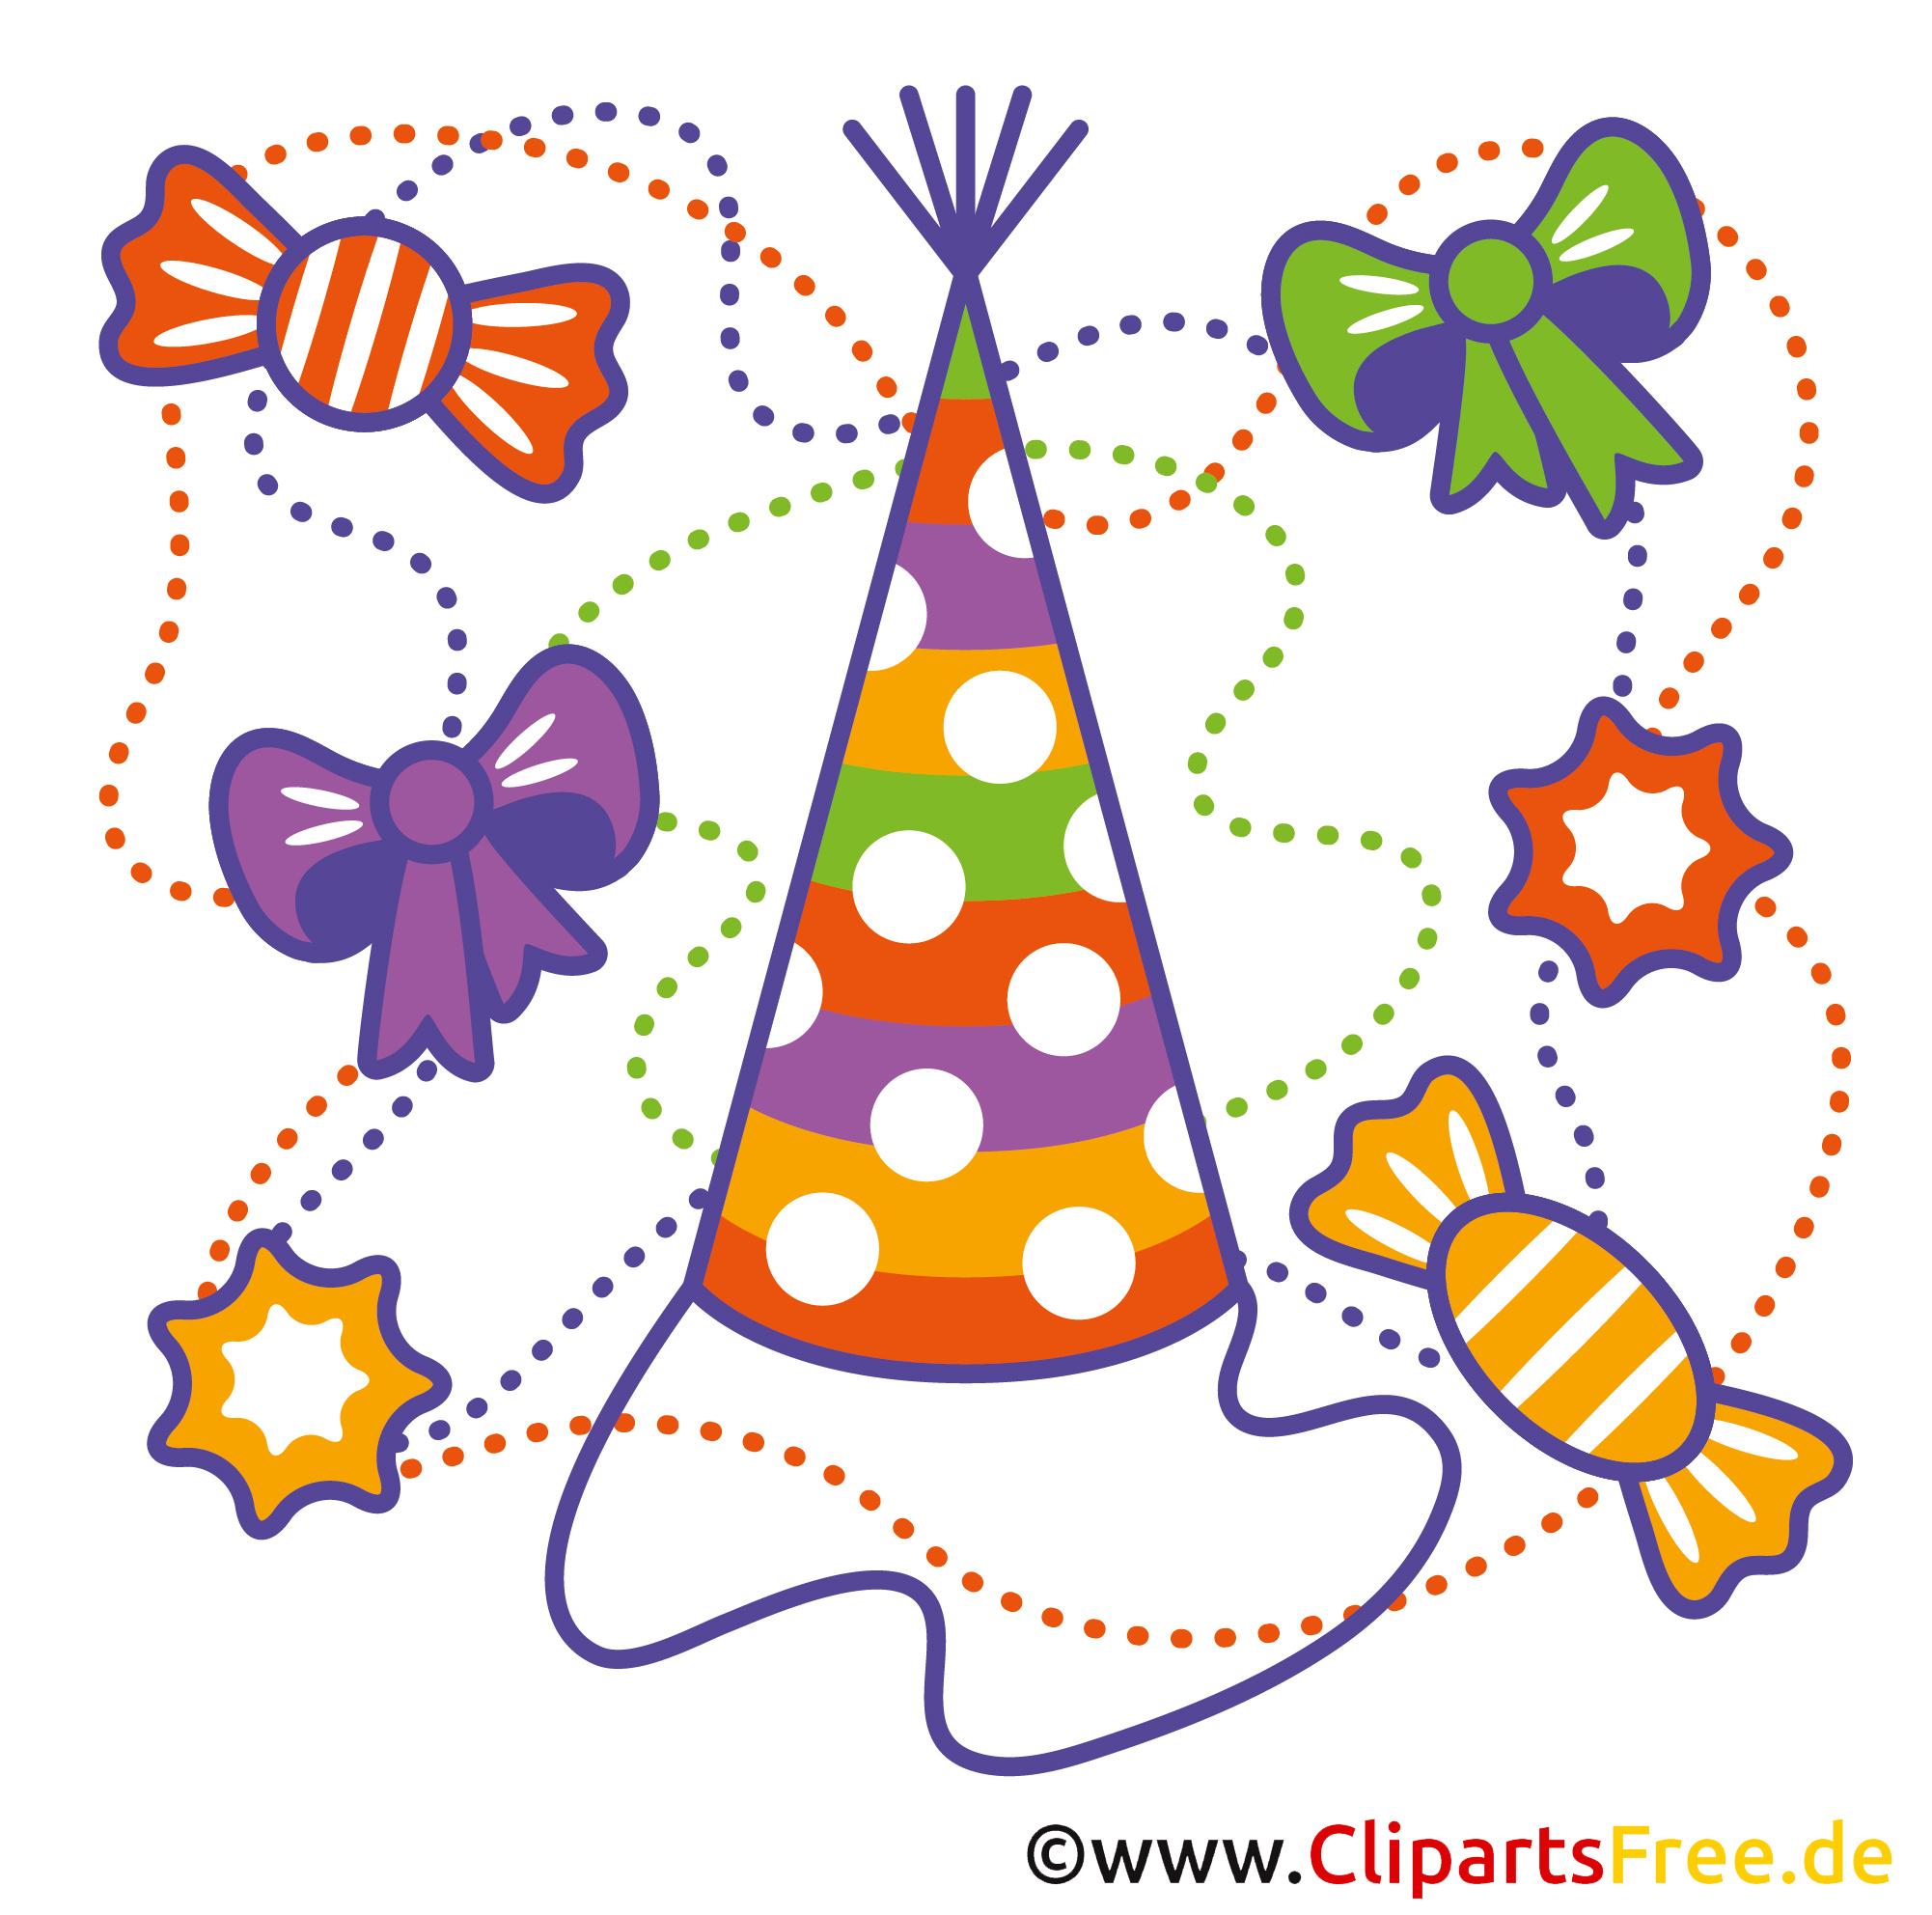 Einladungskarten Runder Geburtstag Kostenlos bei Clipart Geburtstag Kostenlos